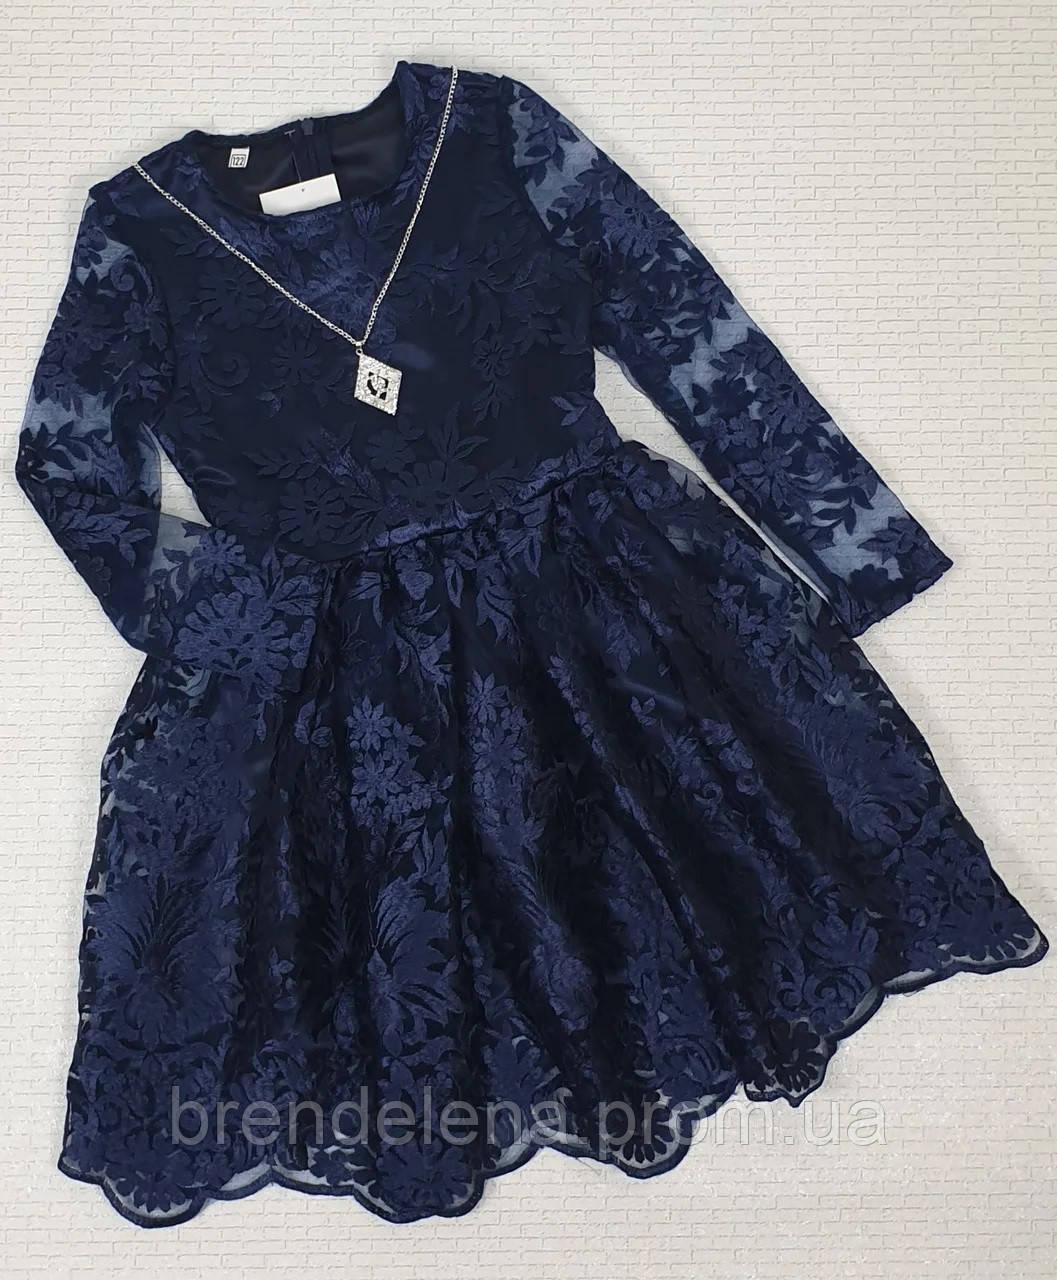 Нарядне Плаття для дівчинки Тая 140-152 пудра,бордо ( код 4985-00 )